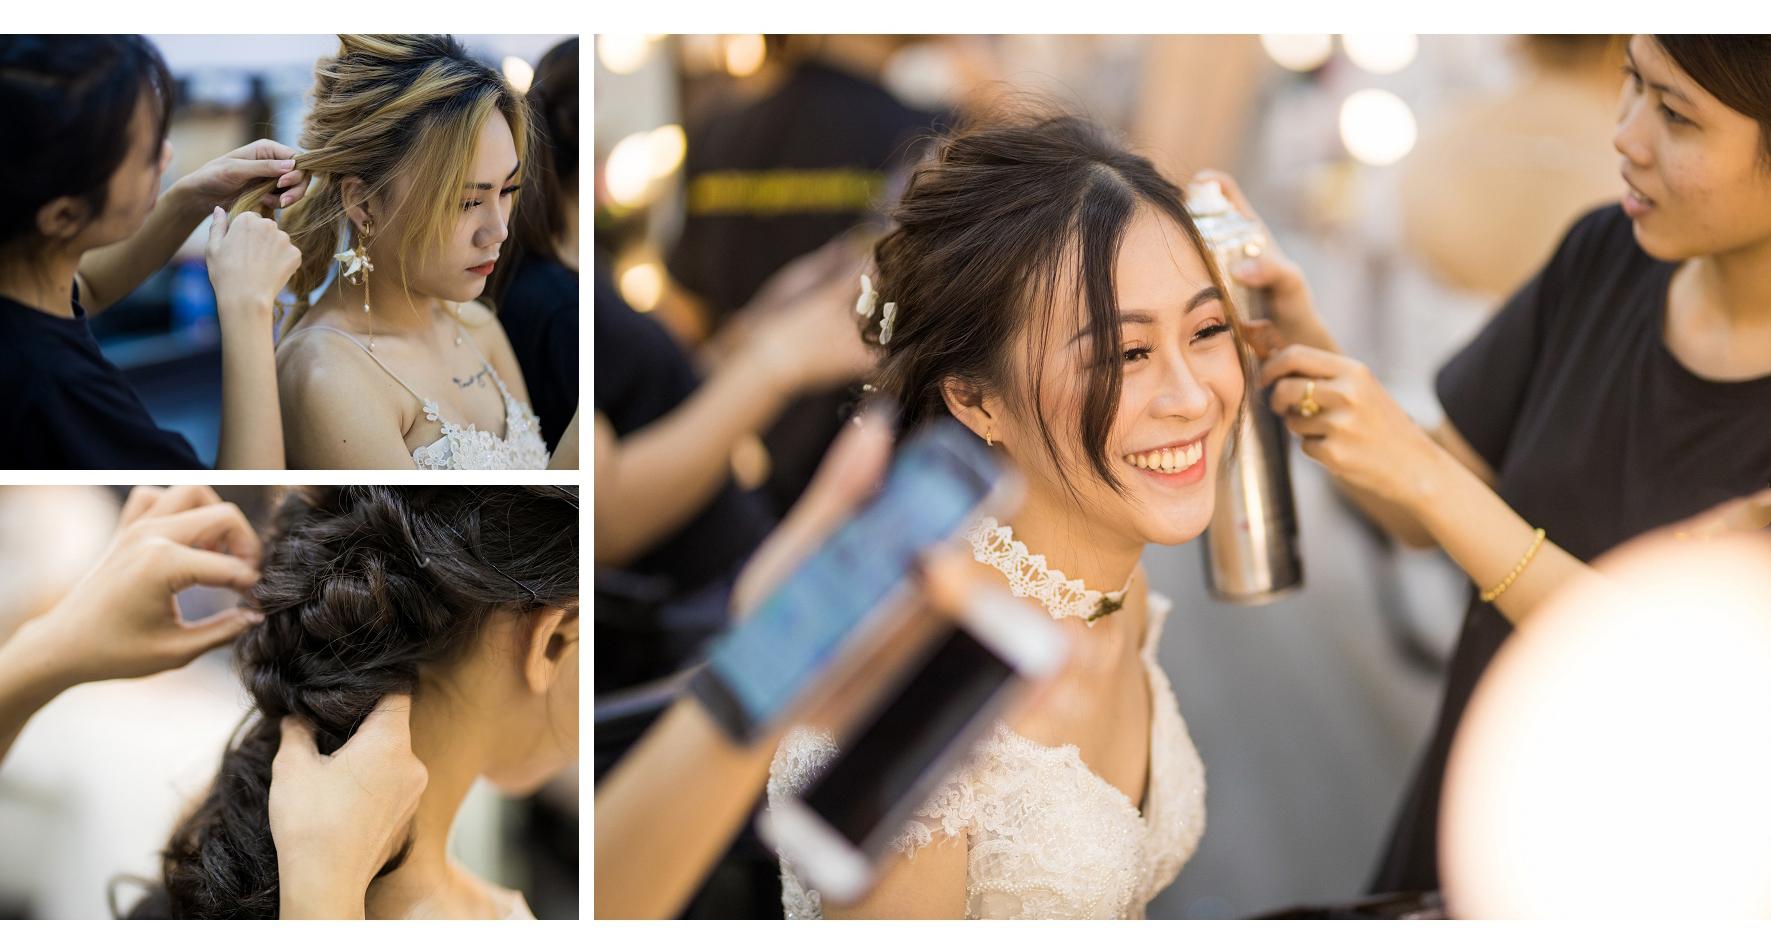 Khoá học bới tóc cô dâu tại TPHCM